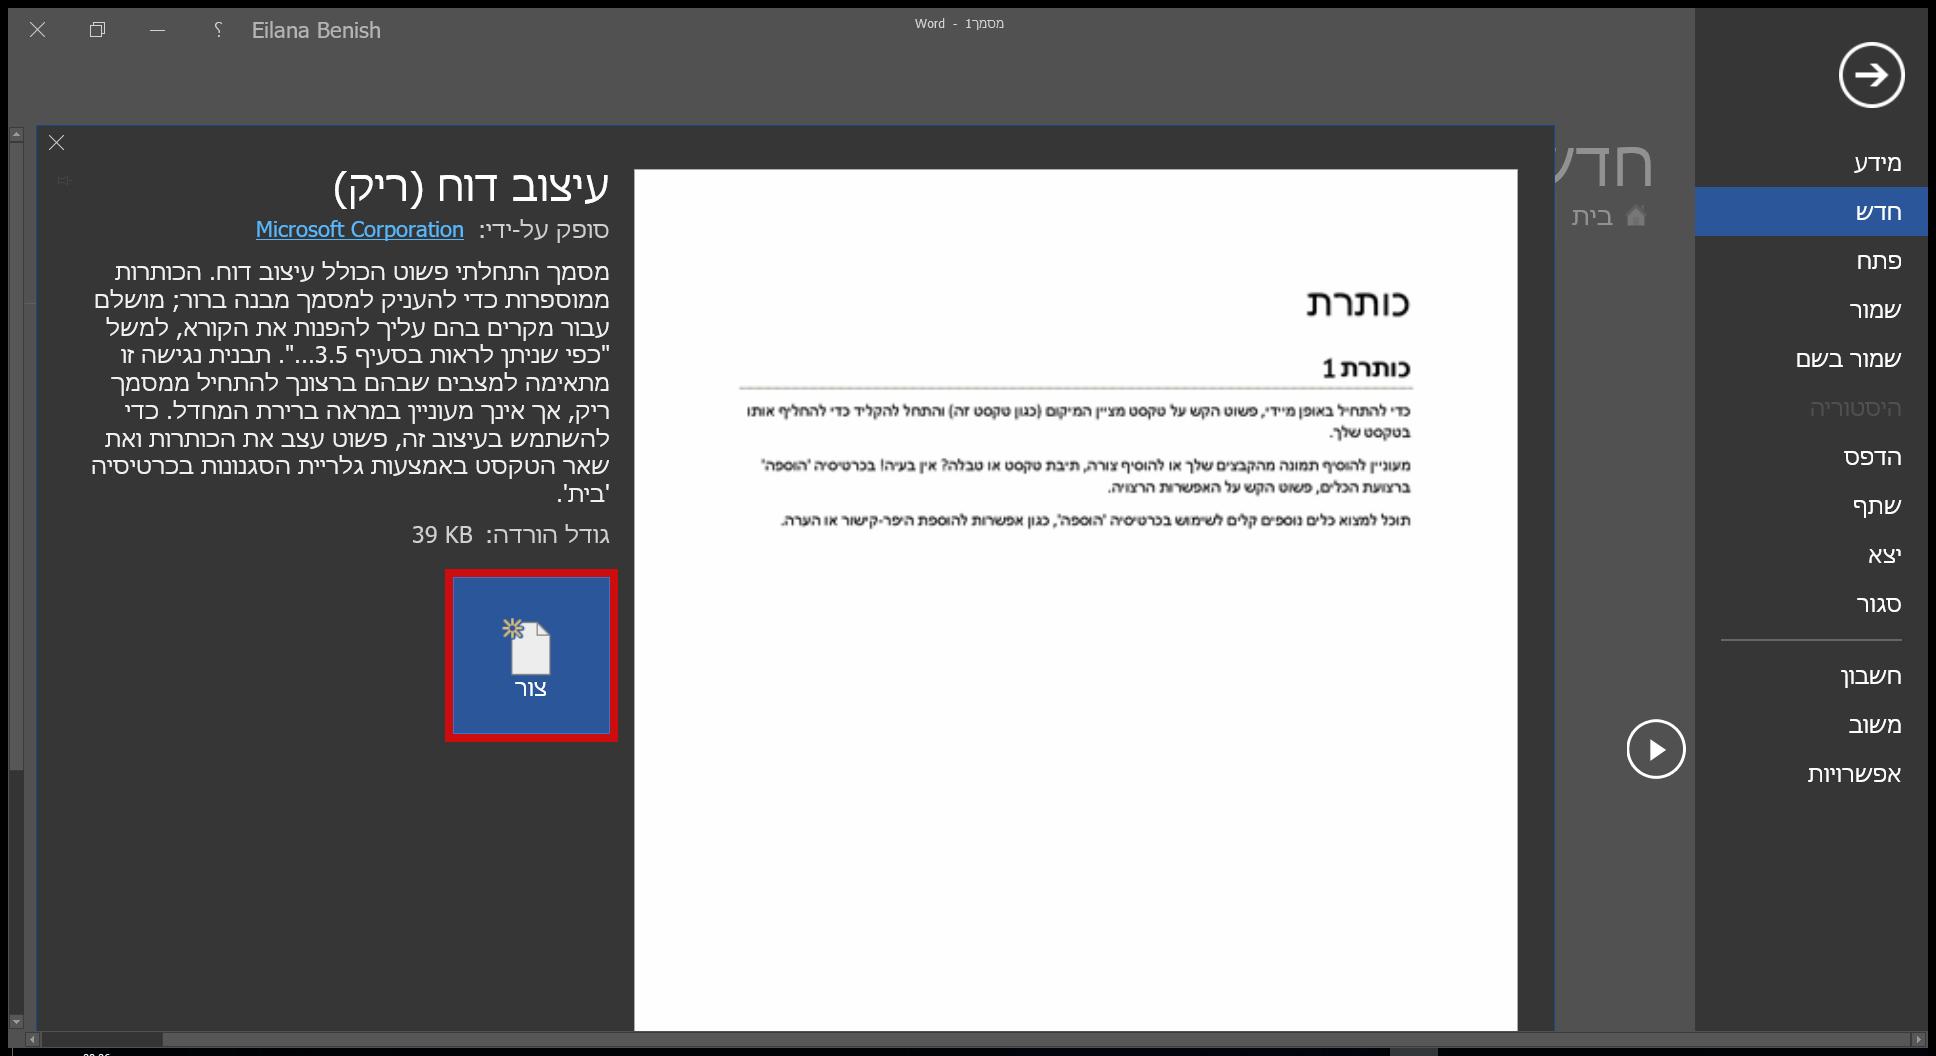 דוגמה לתבנית Microsoft Office